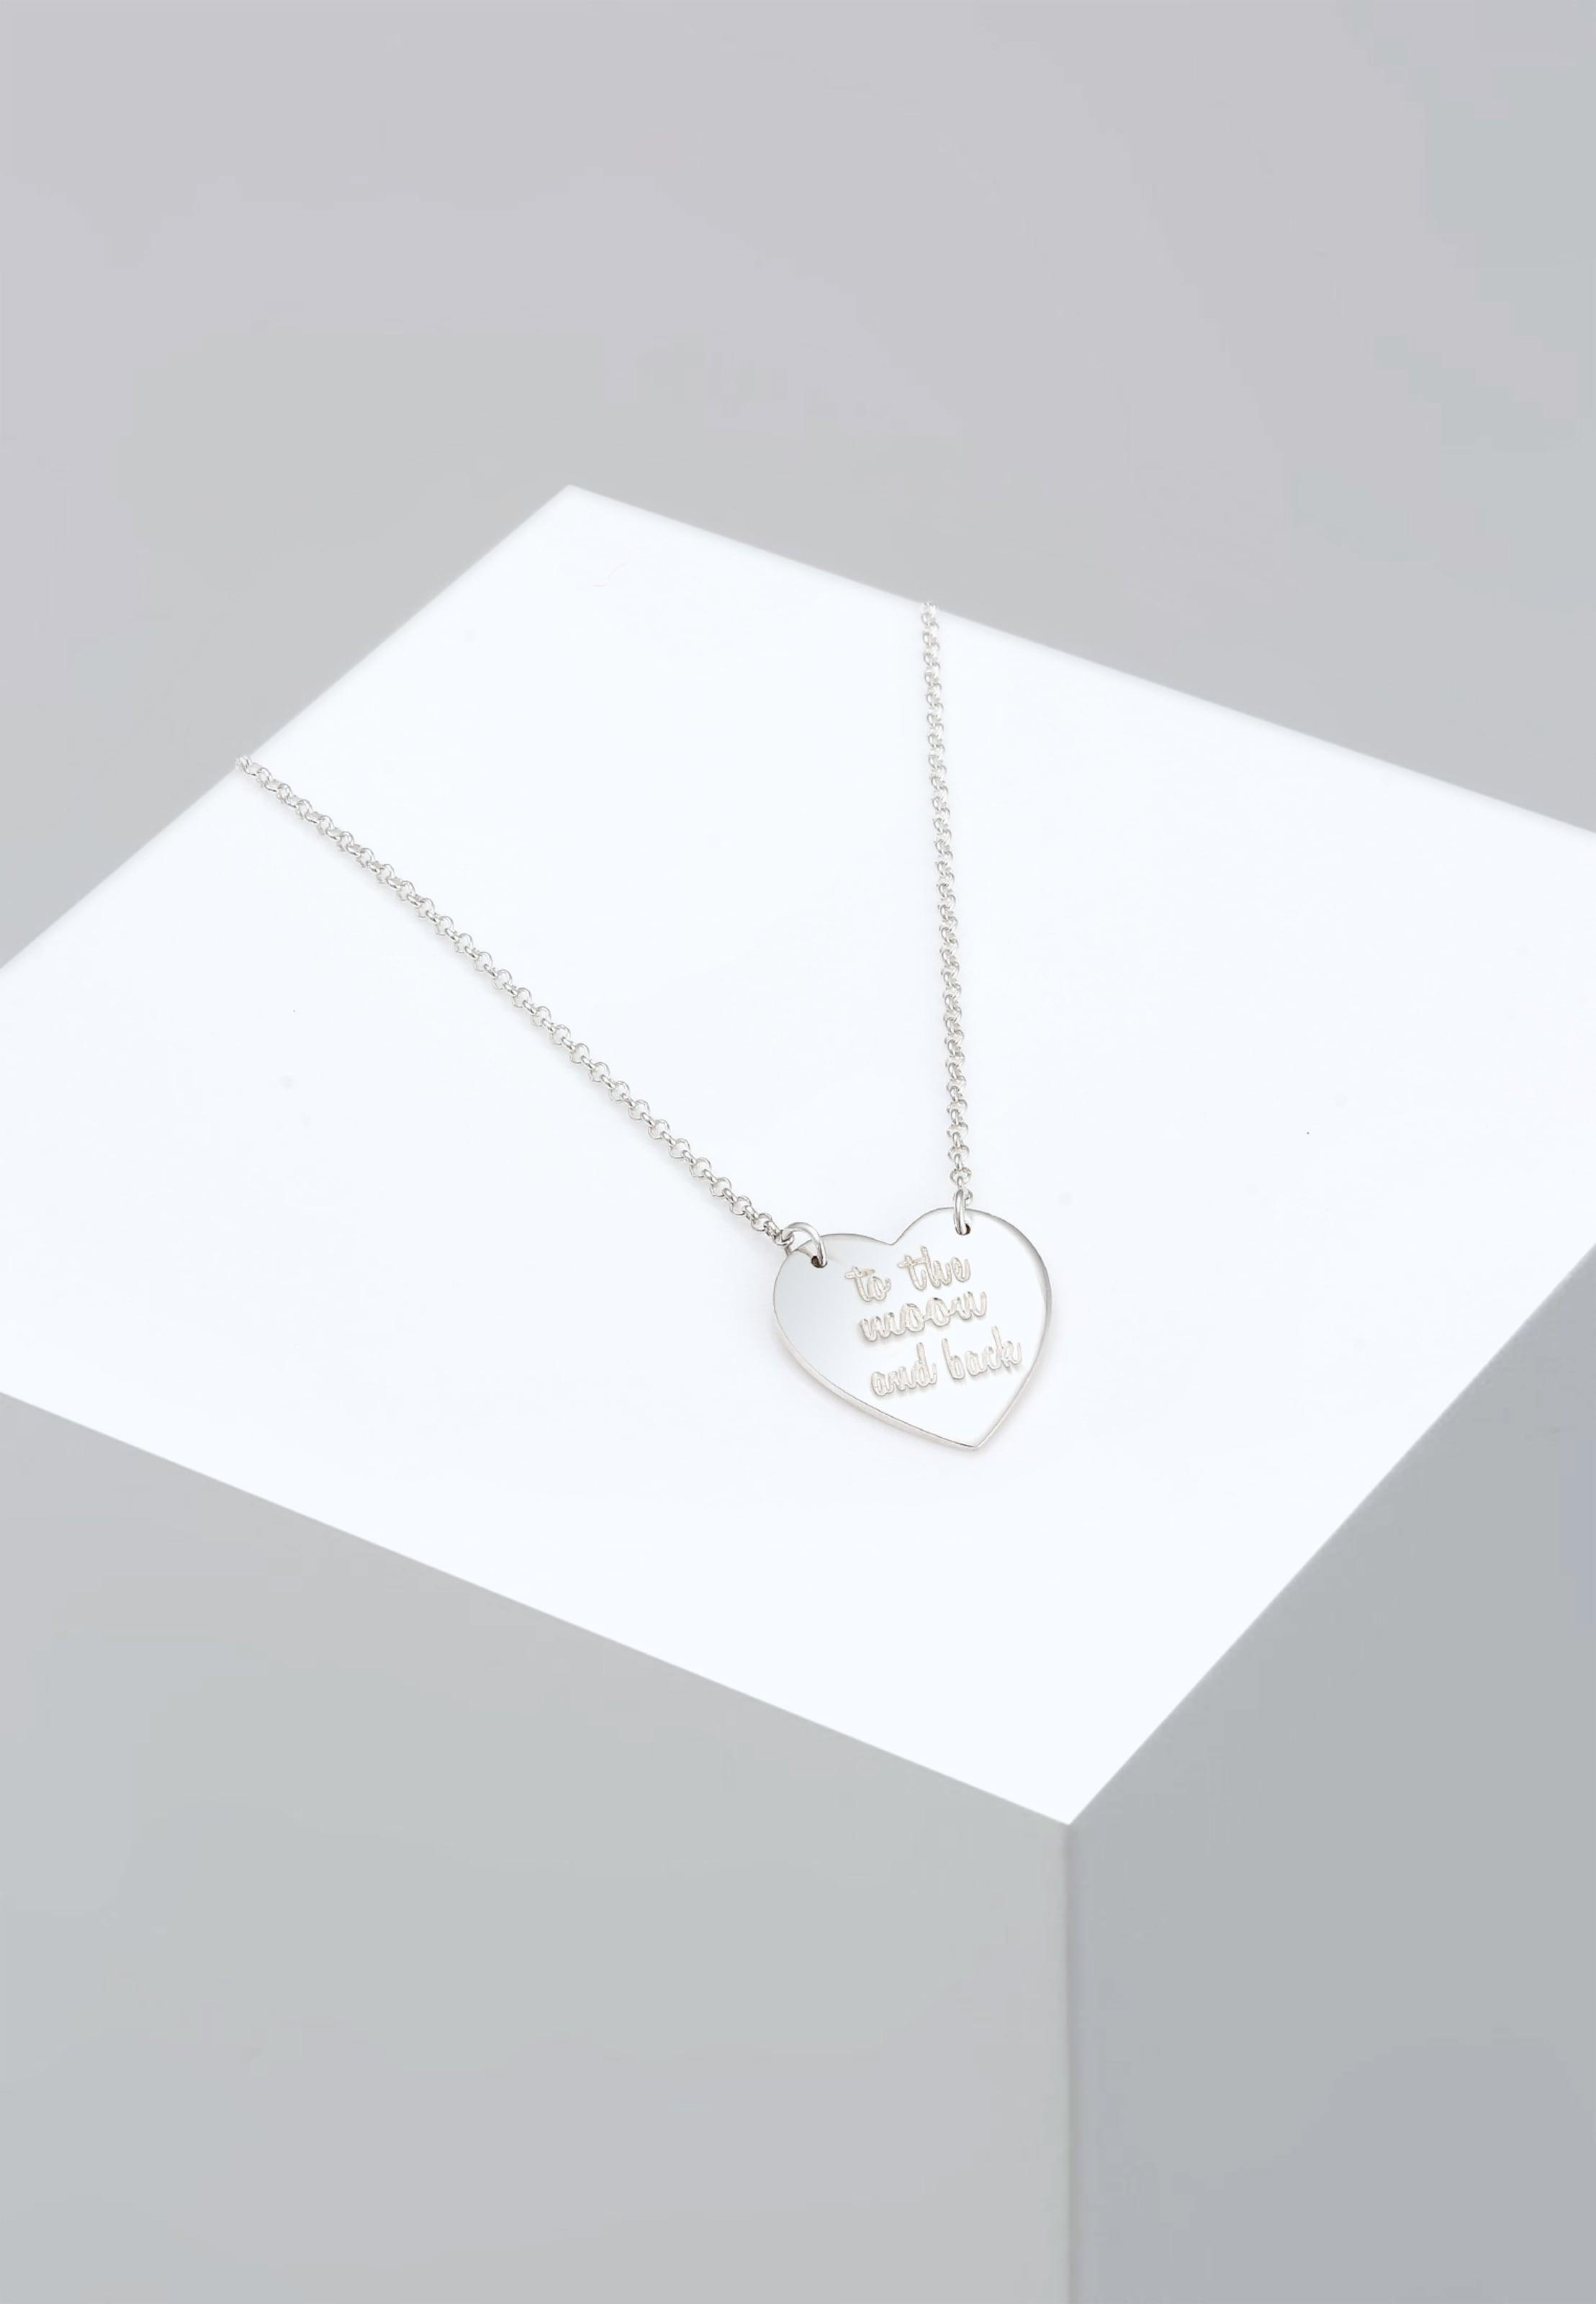 Halskette Halskette Silber Elli In 'herz' Elli 'herz' v6b7YIfgym